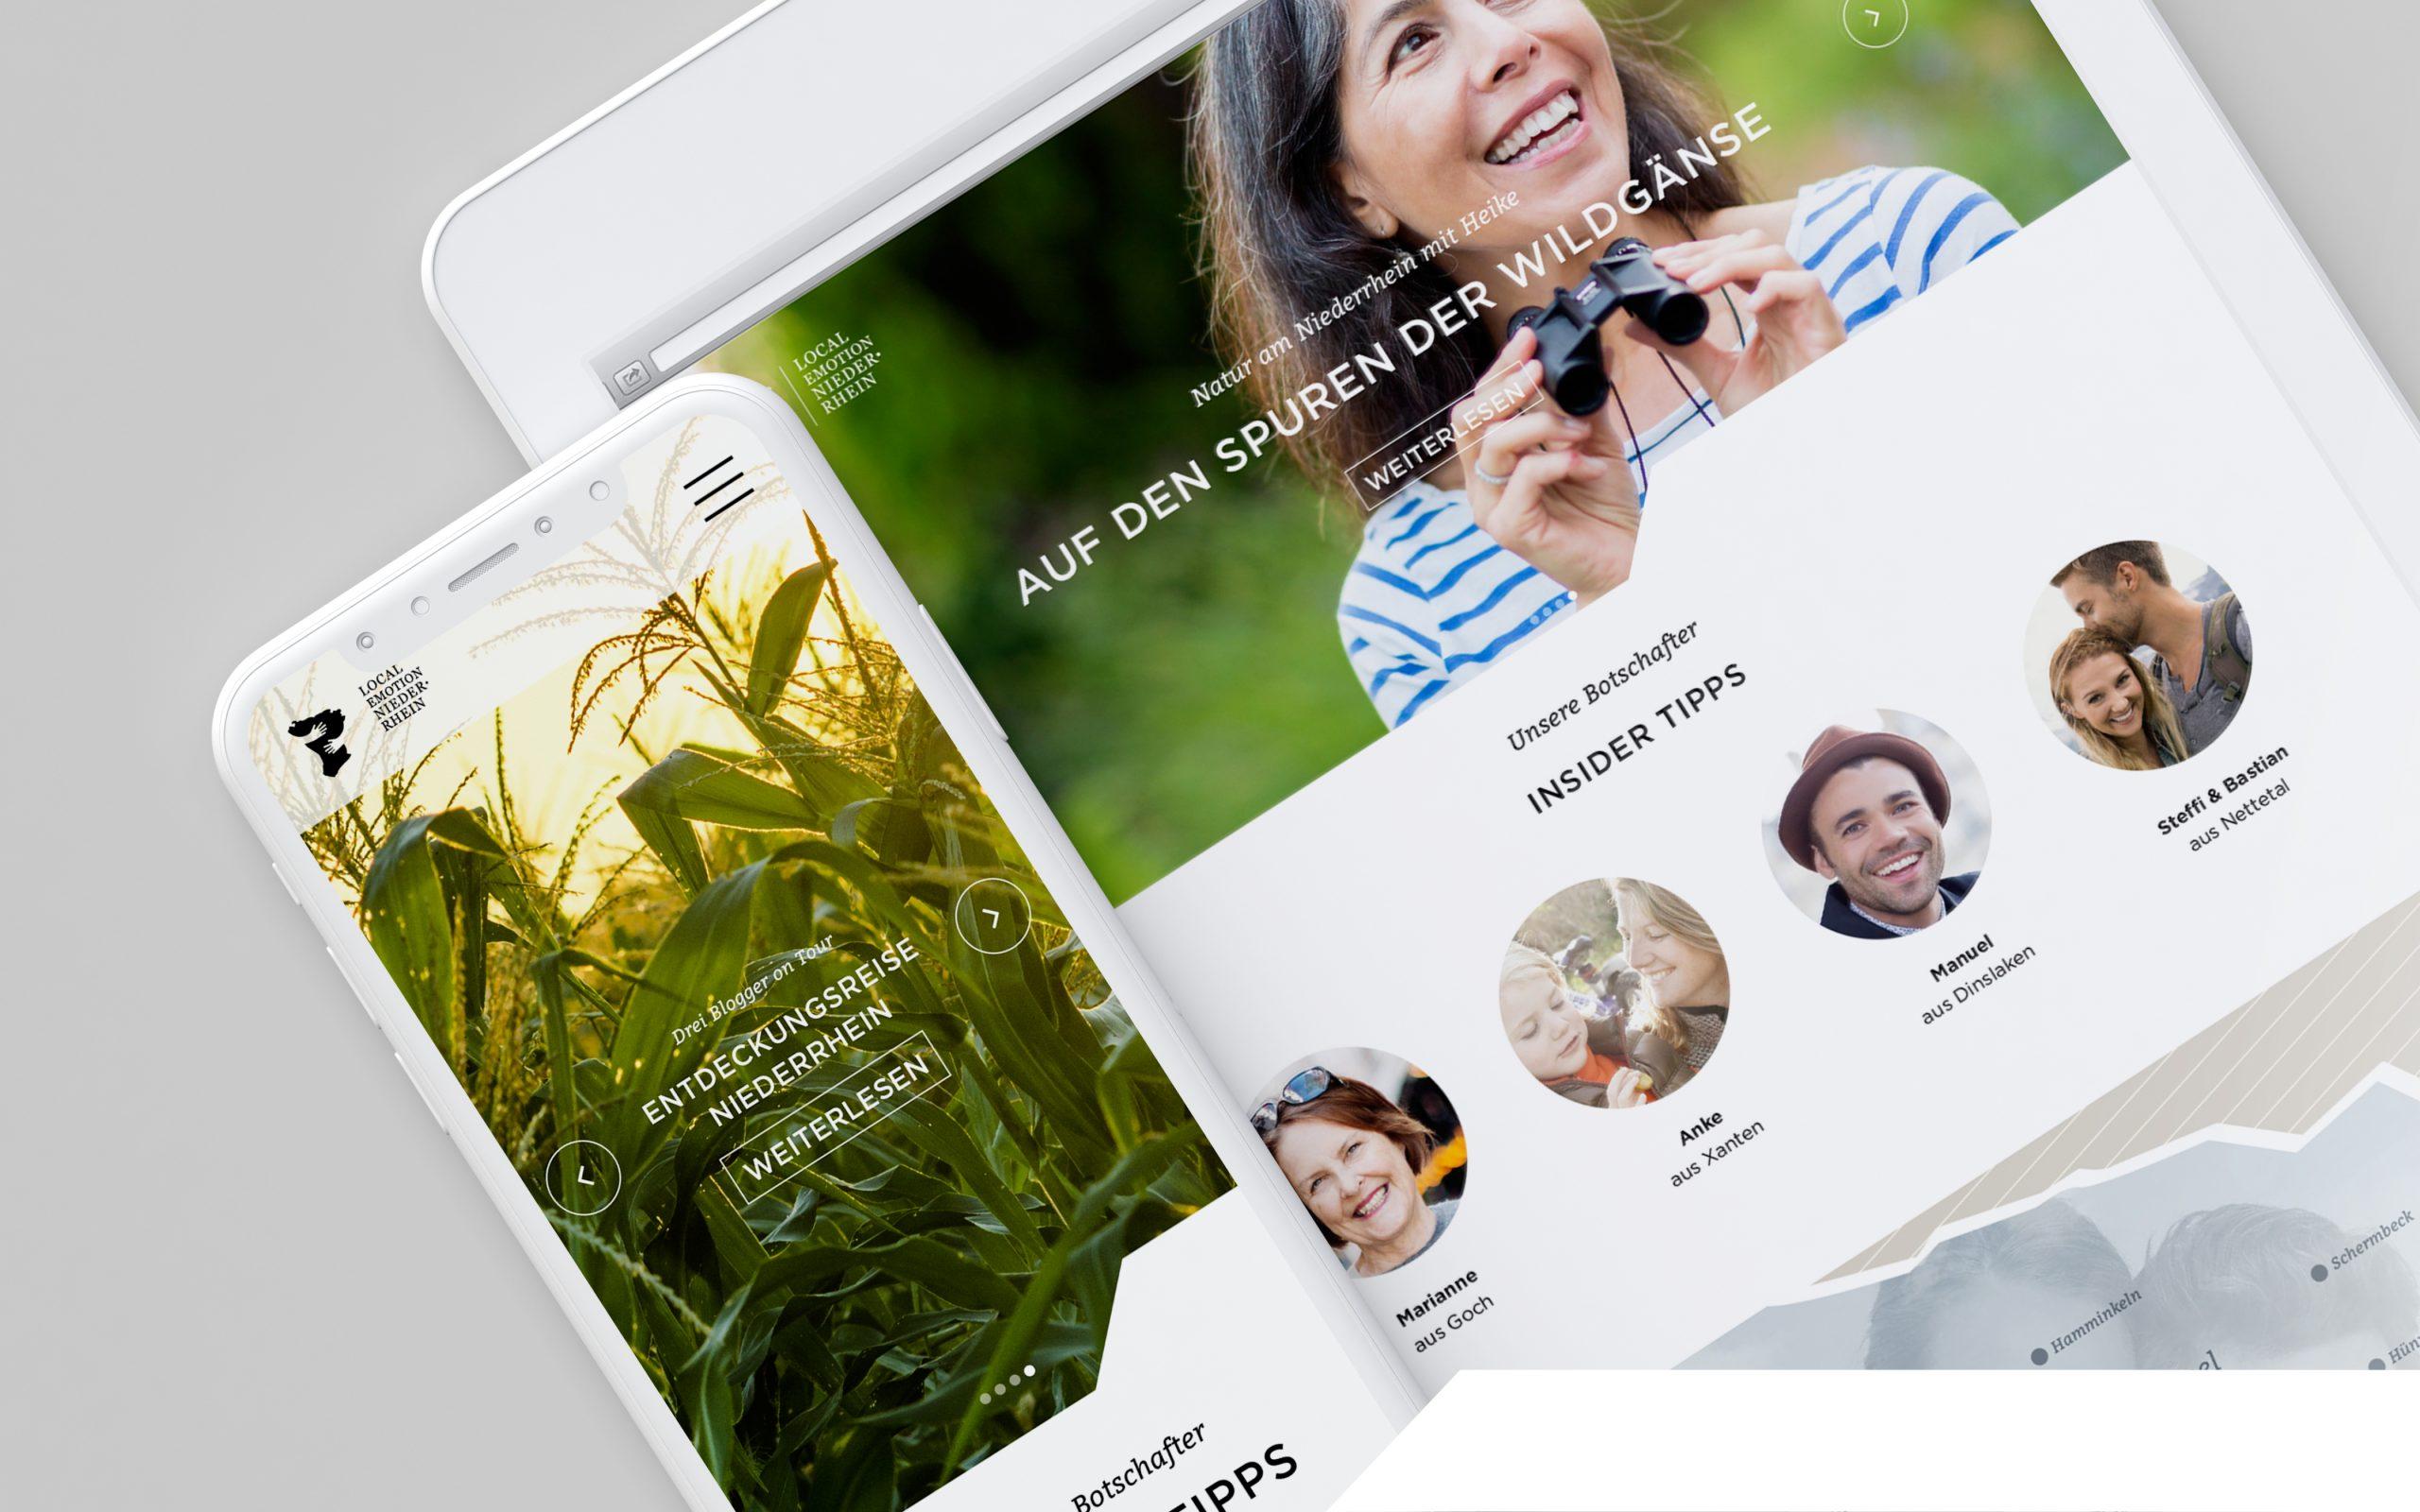 Kommunkationskonzept Kampagnenentwicklung Niederrhein Tourismus Key Visual Bosbach